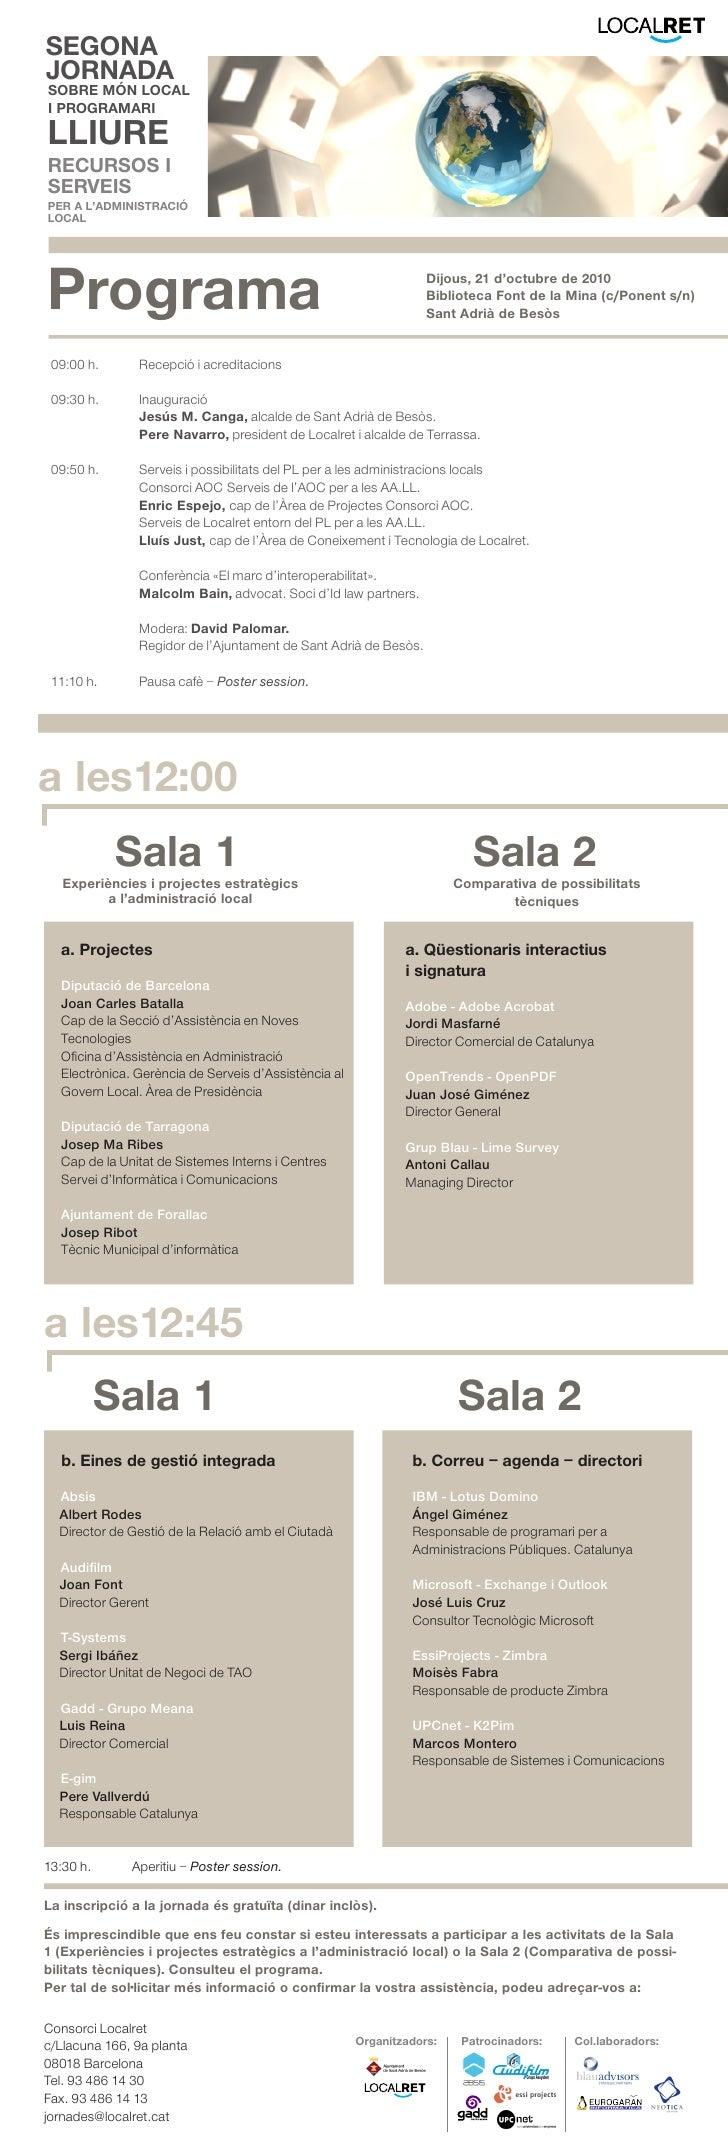 Programa II Jornada de Programari Lliure